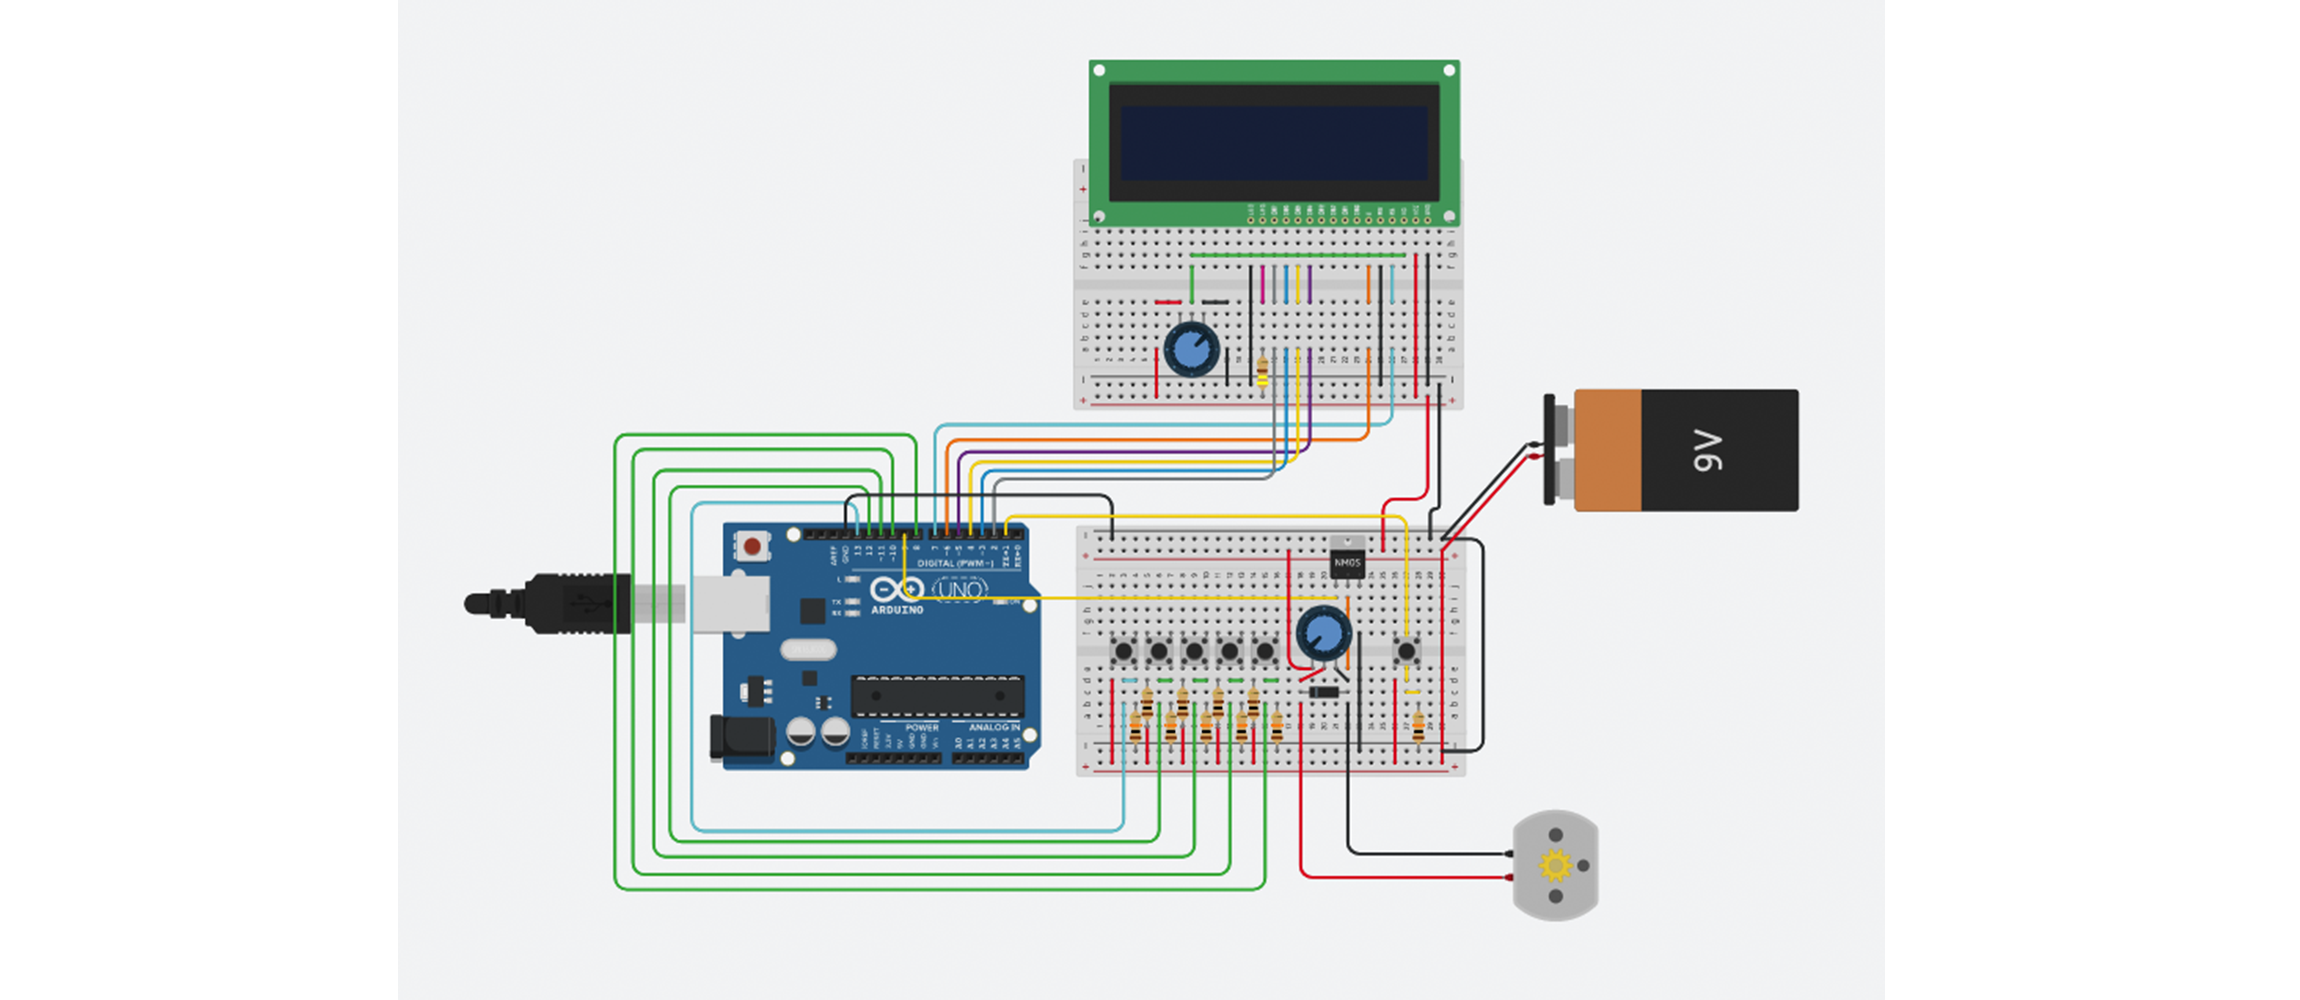 wiring_diagram.png